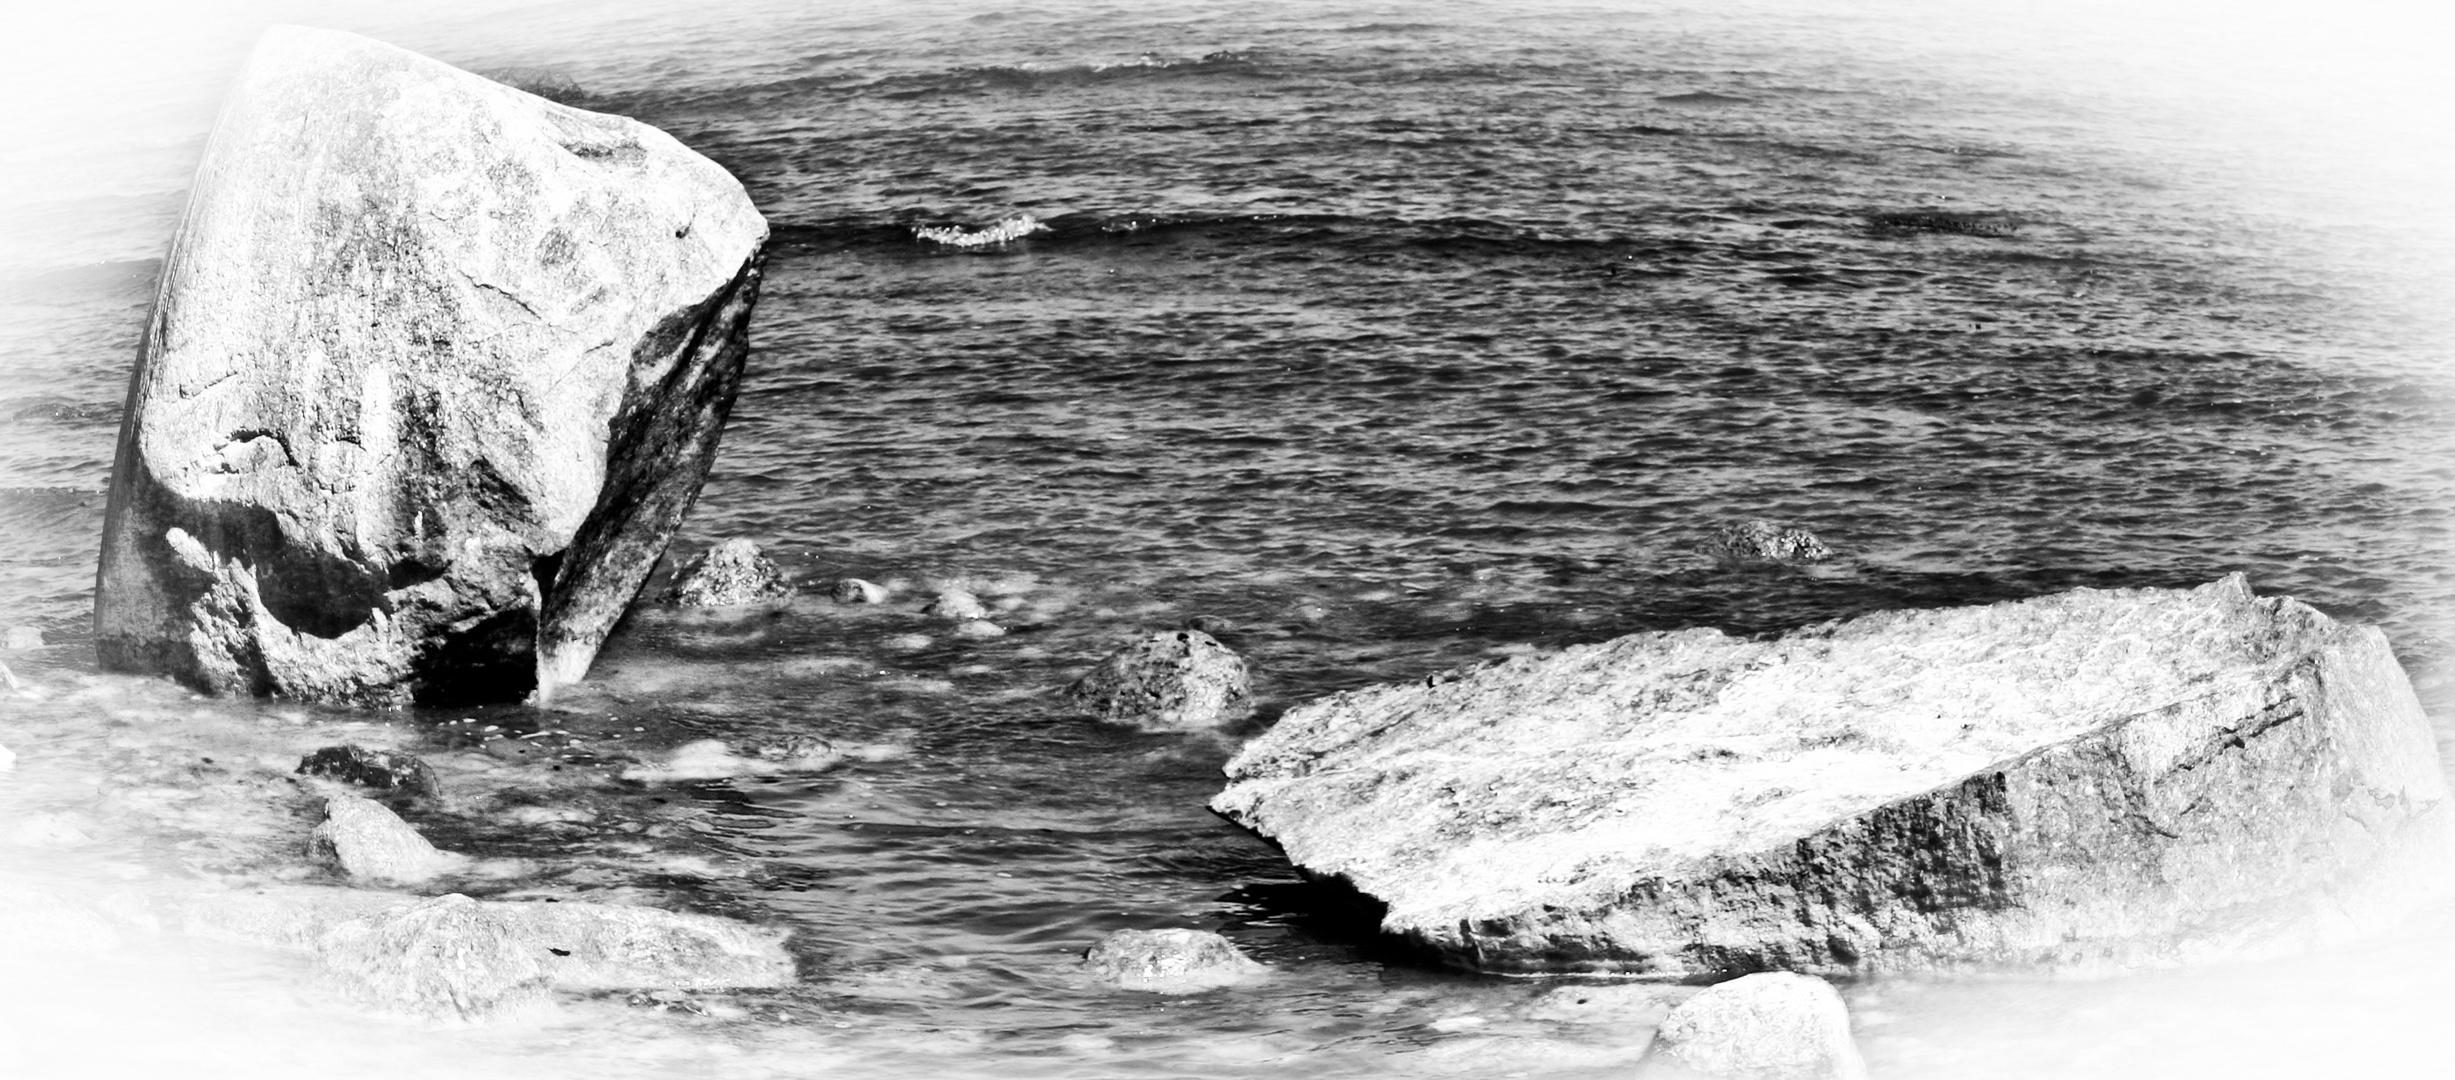 Fels im Meer